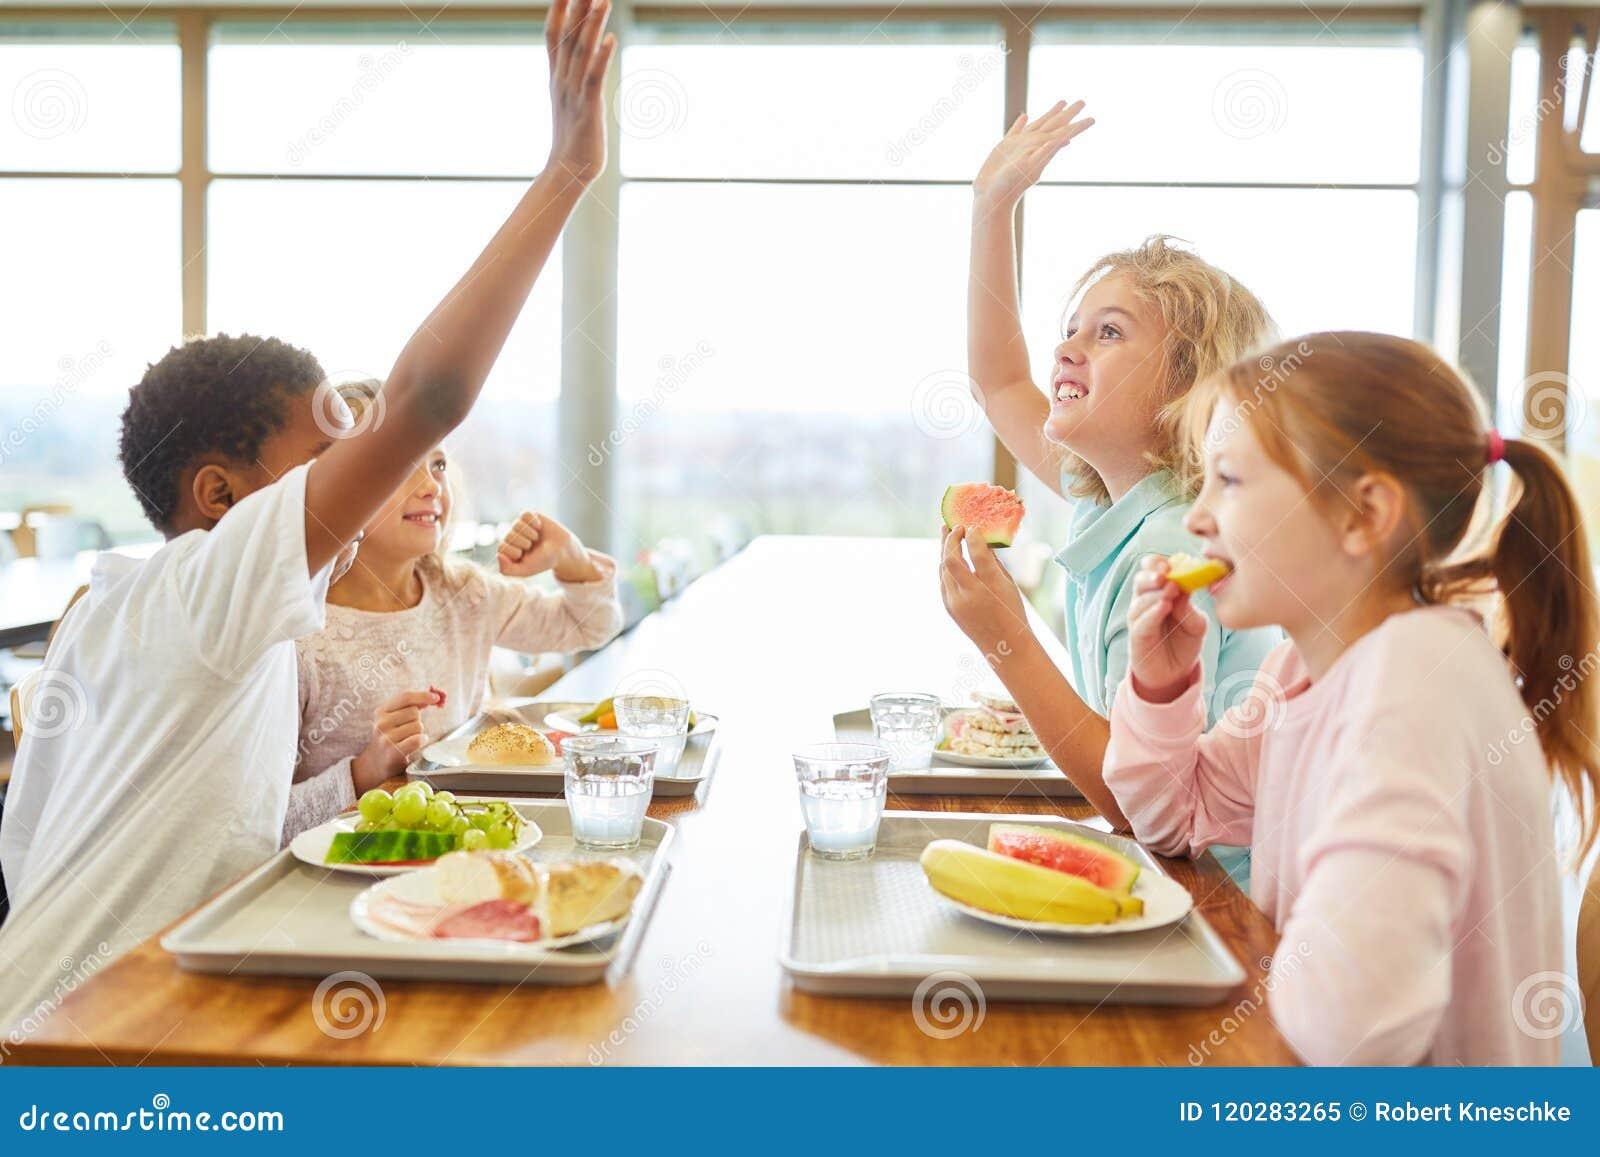 Groep kinderen in de kantine bij lunch